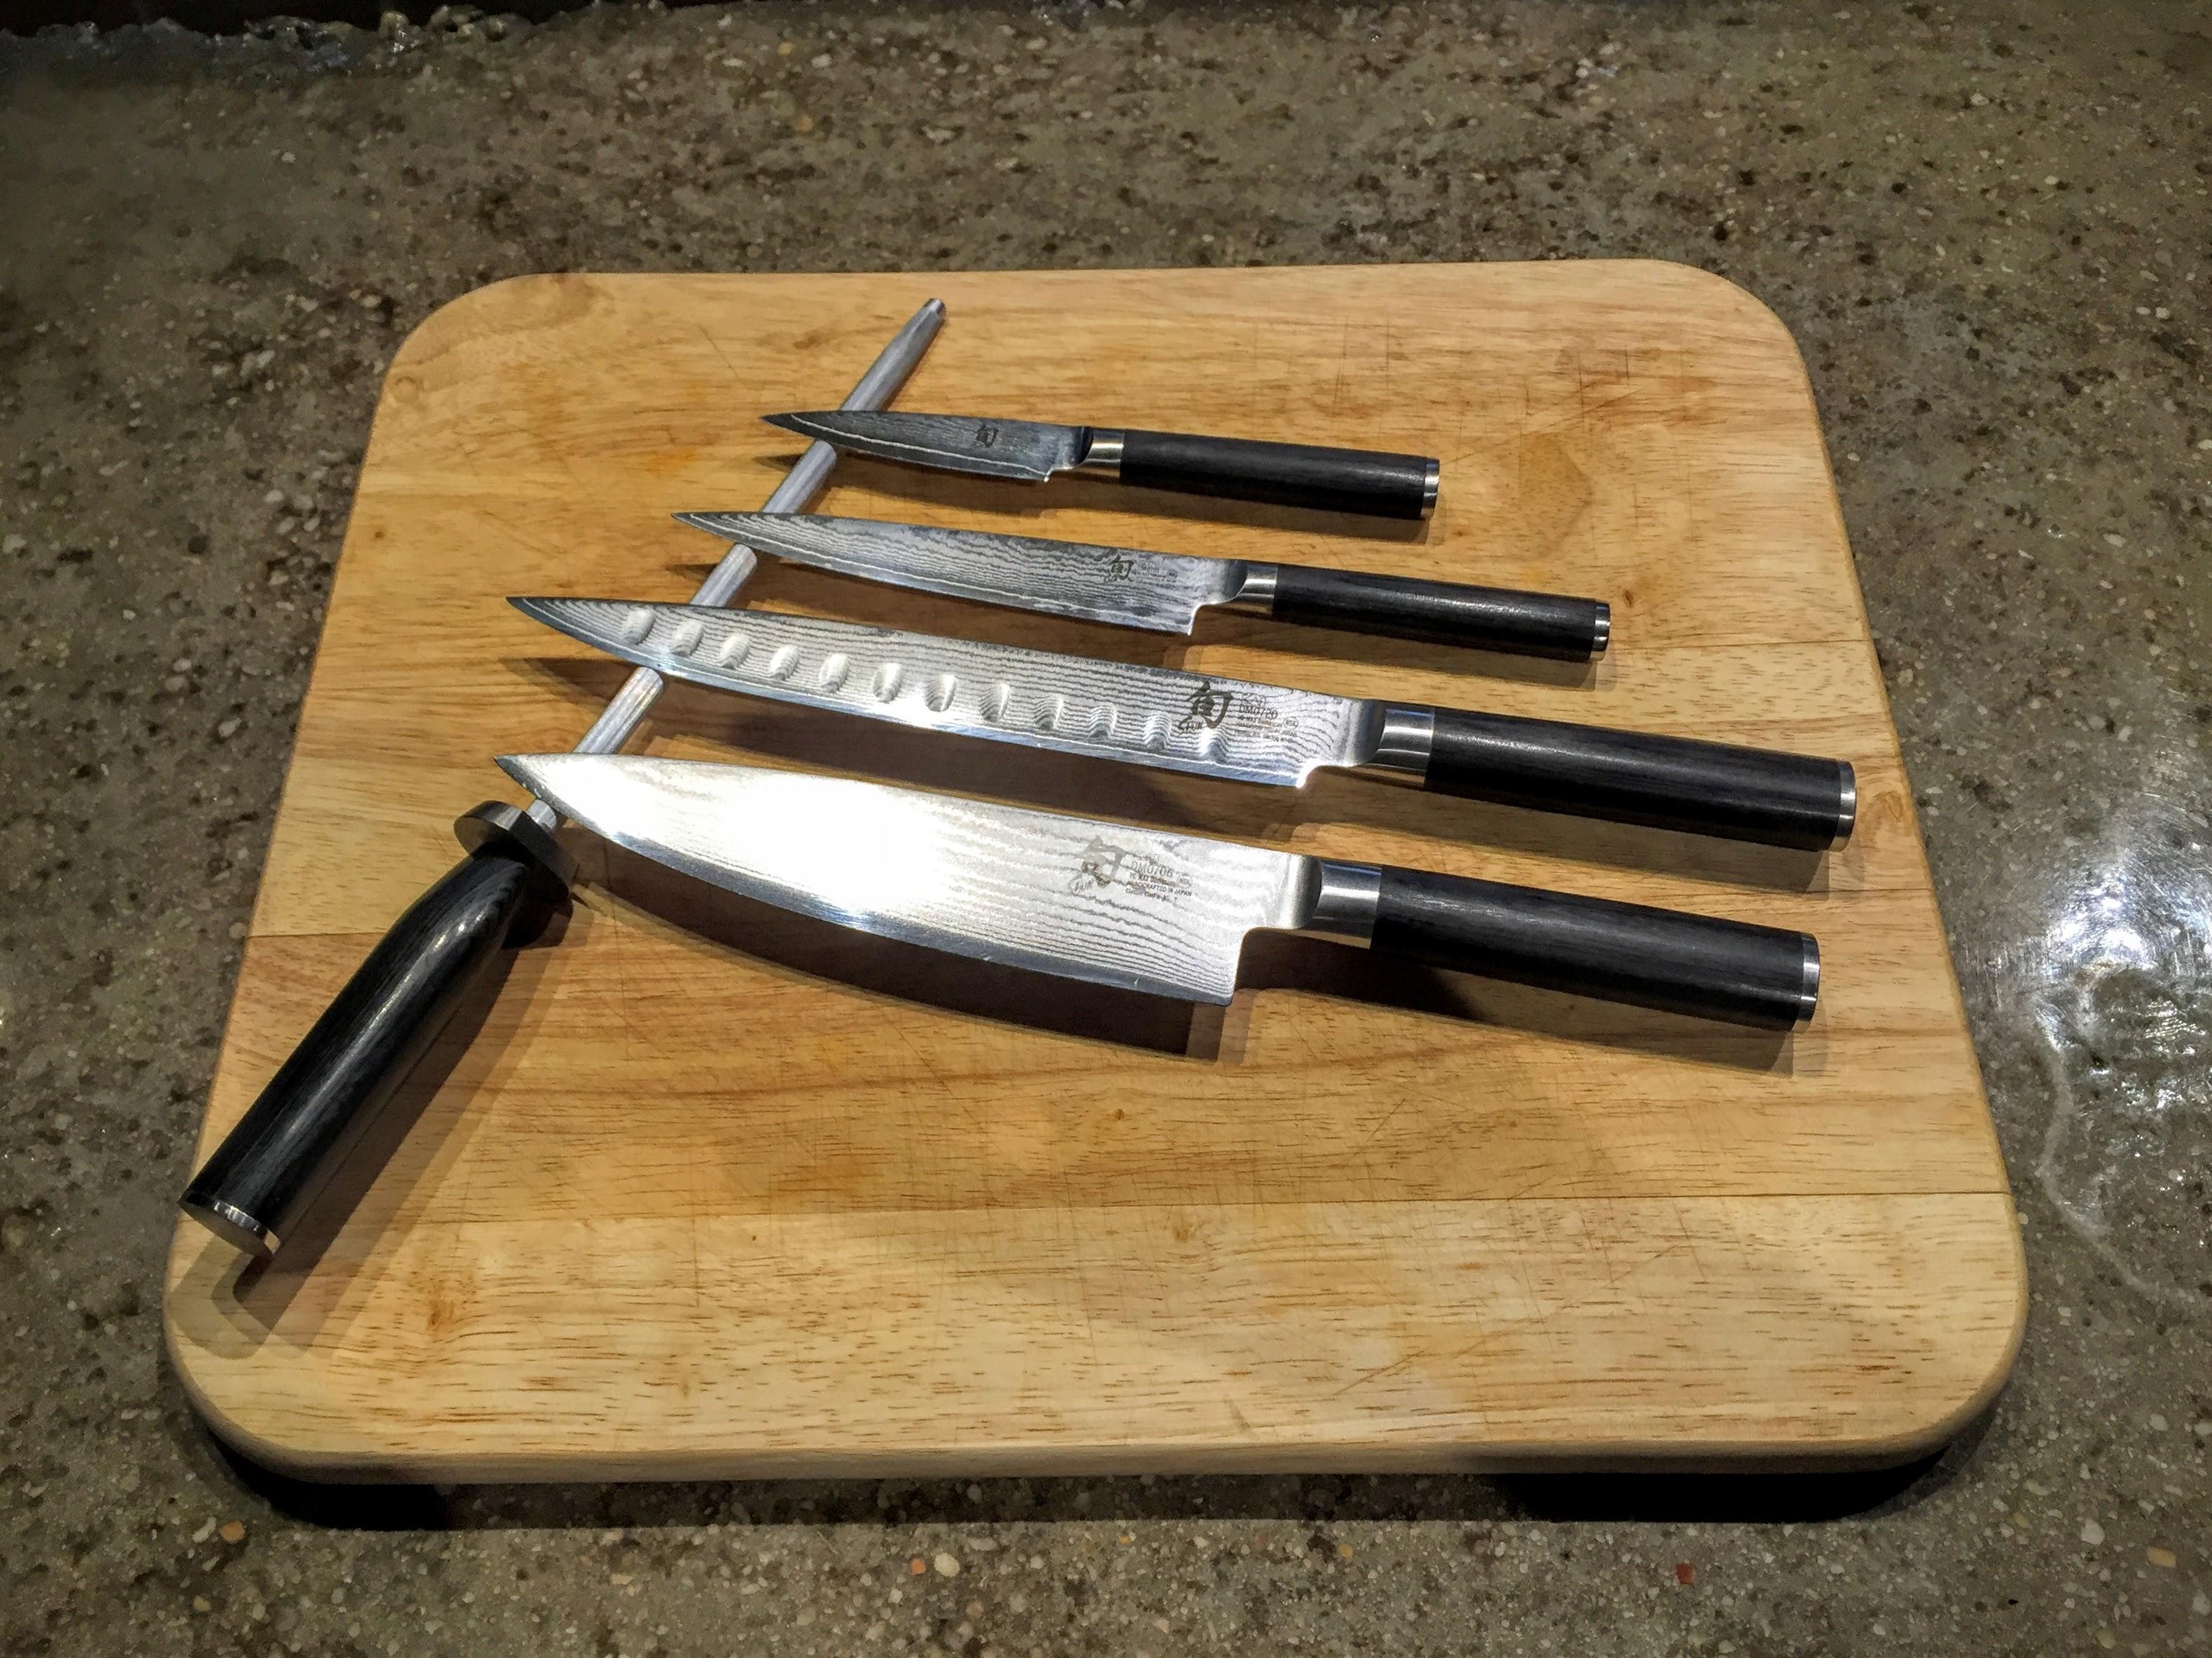 Kai Shun Classic Knives